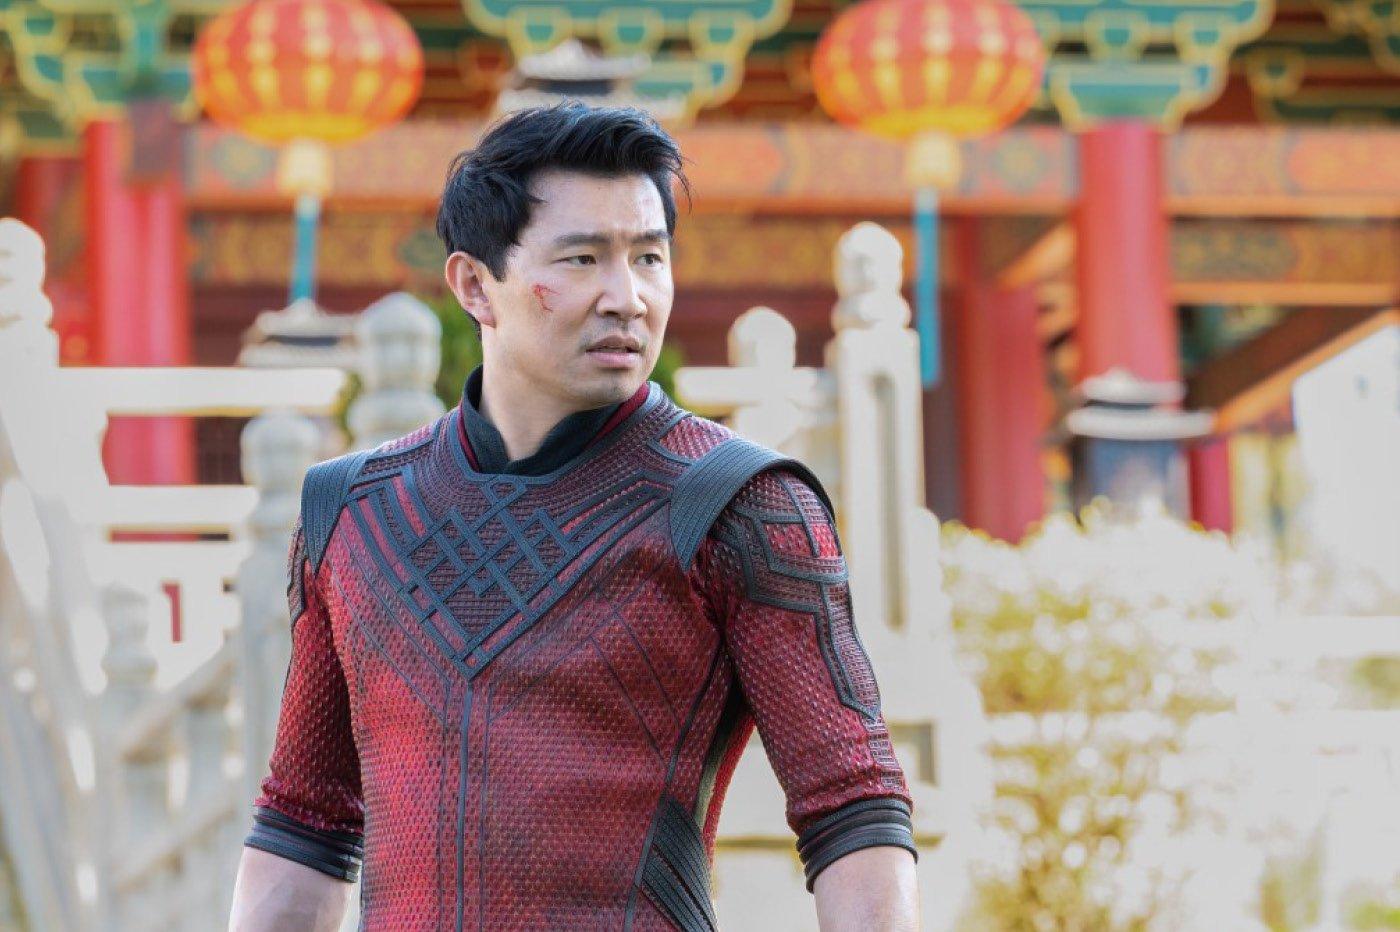 Simu Liu dans Shang-Chi et la légende des dix anneaux de Marvel